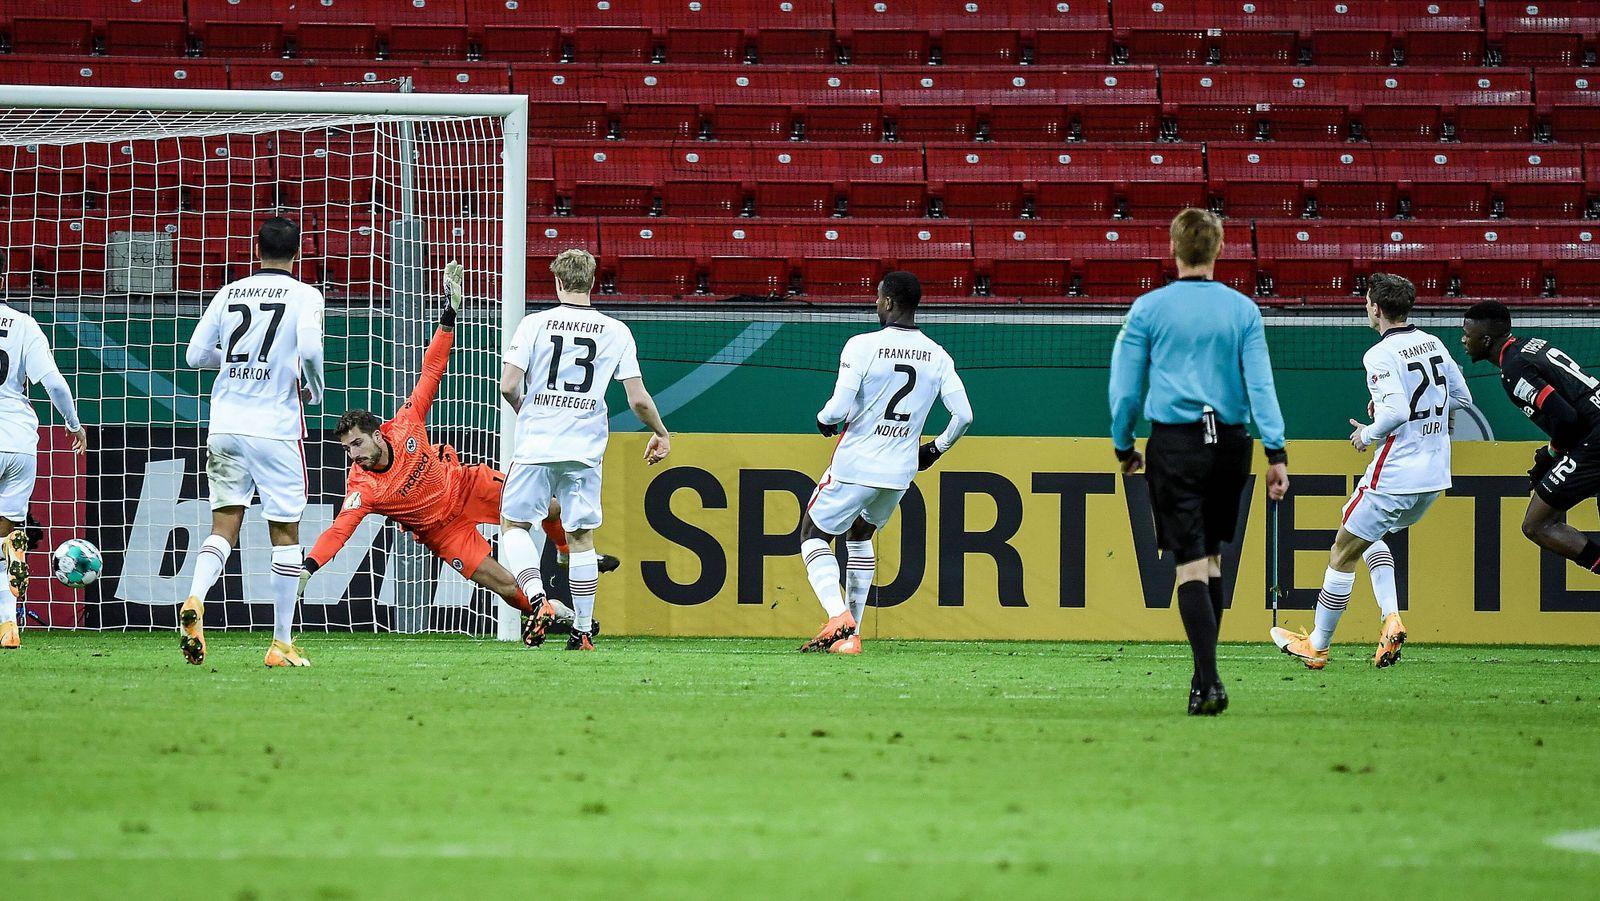 12.01.2021, xjhx, Fussball DFB Pokal 2.Runde, Bayer 04 Leverkusen - Eintracht Frankfurt emspor, v.l. Tor zum 2:1 fuer L